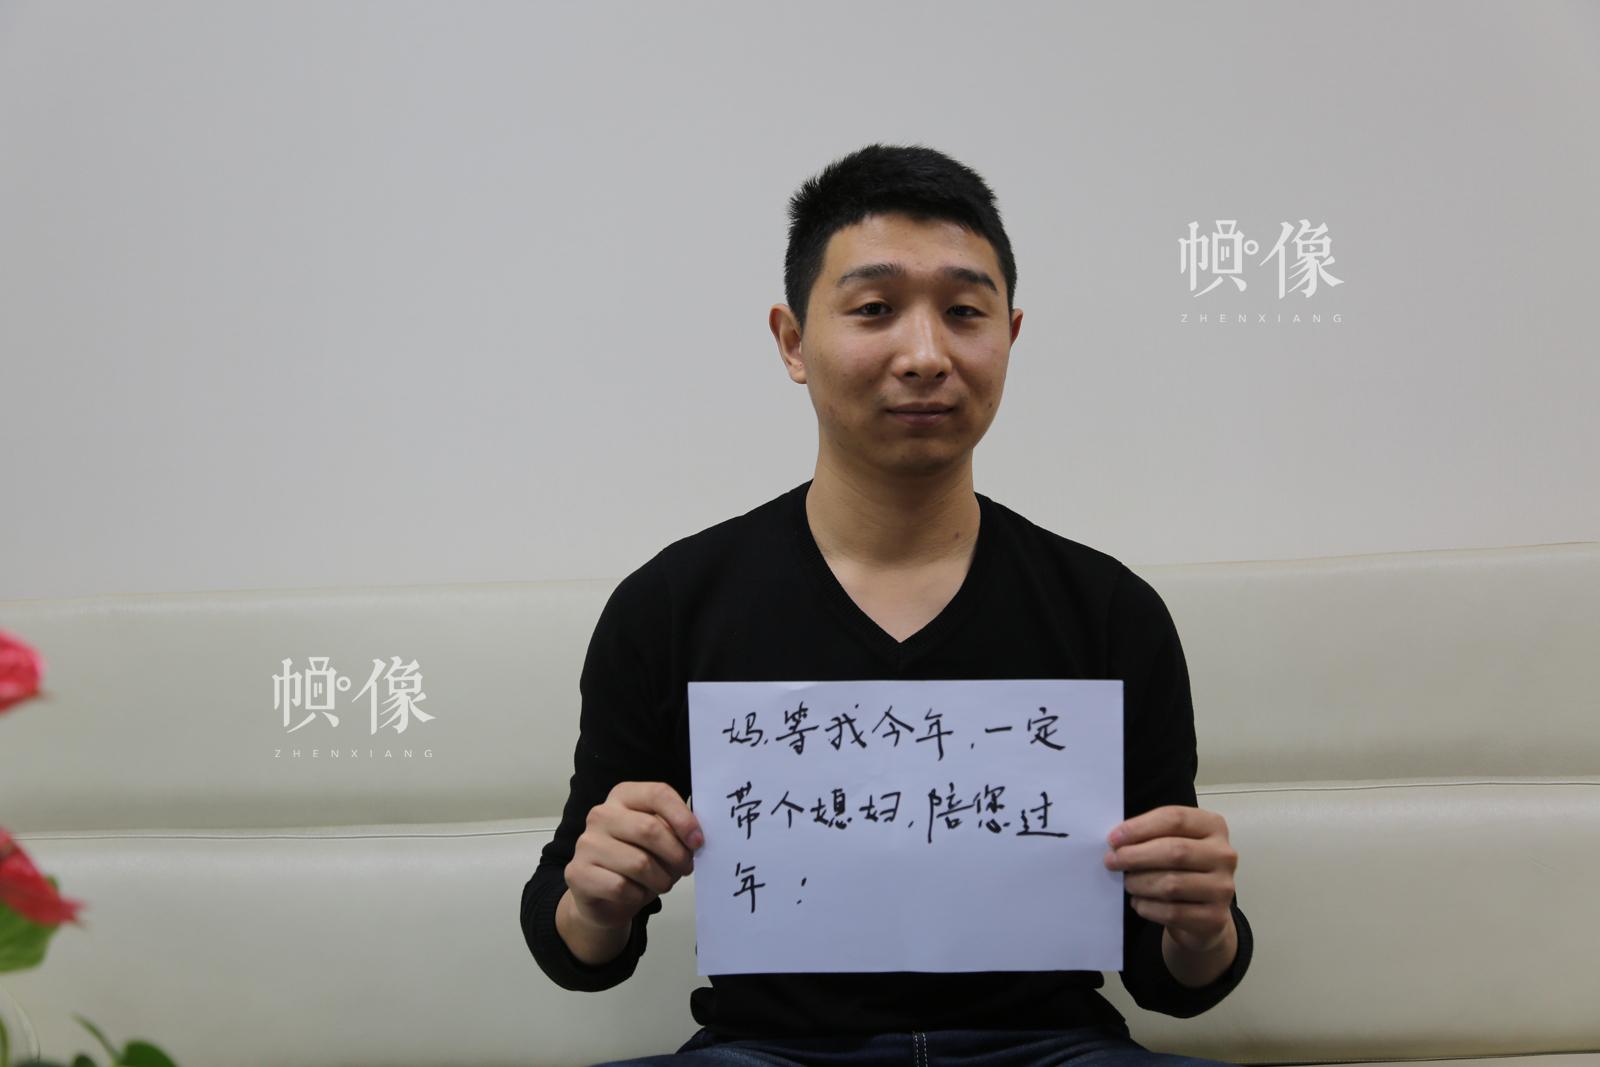 图为网络编辑刘佳伟。中国网记者 黄富友摄